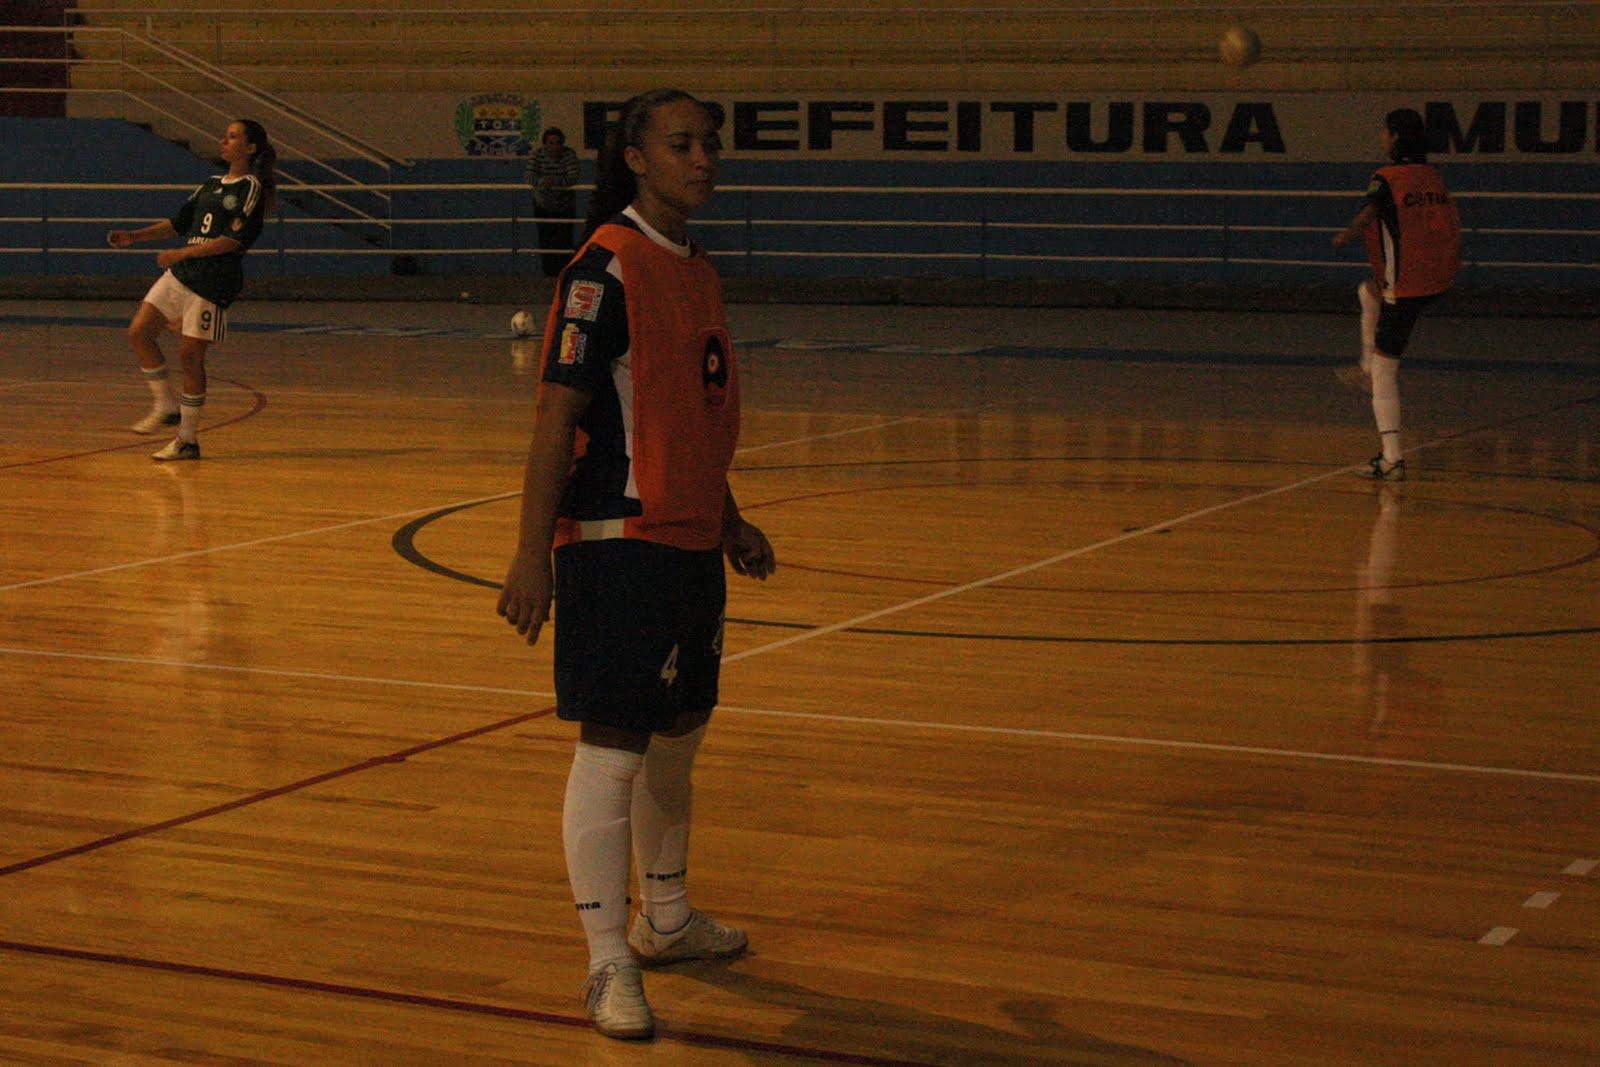 9d0b08affc O jogo no começo da noite de sexta marcou a primeira atuação das duas  equipes depois da Fase Classificatória da Liga Futsal. Era nada menos que a  repetição ...